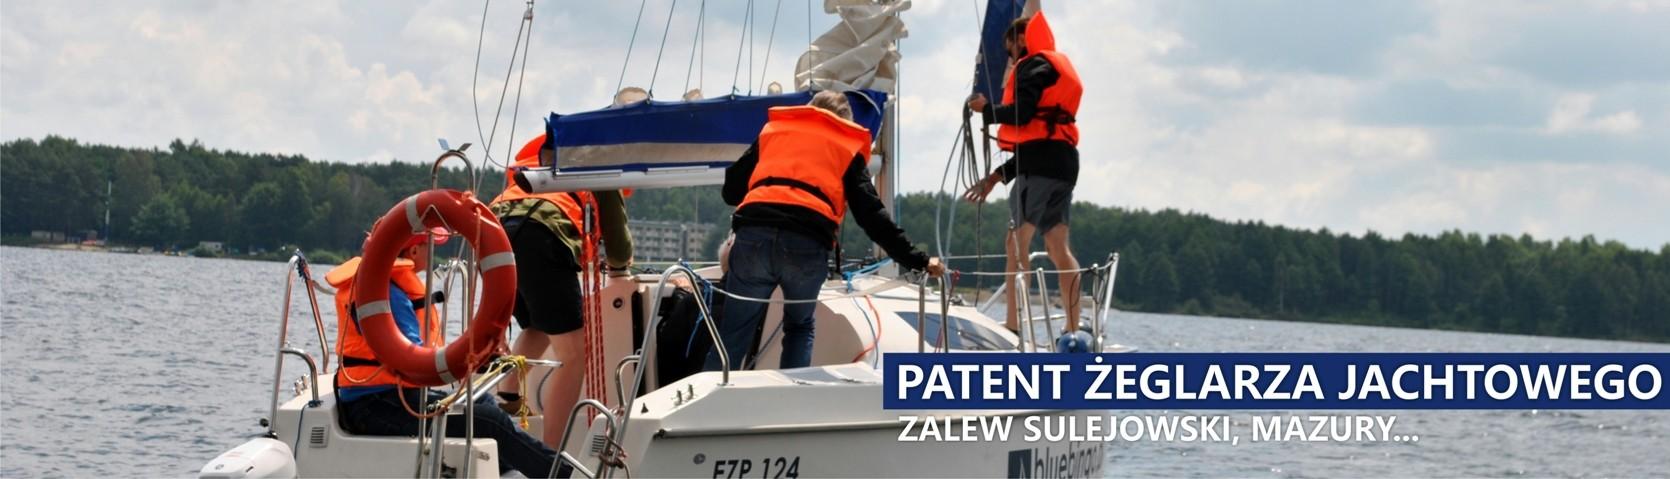 kurs na patent Zalew Sulejowski, Mazury